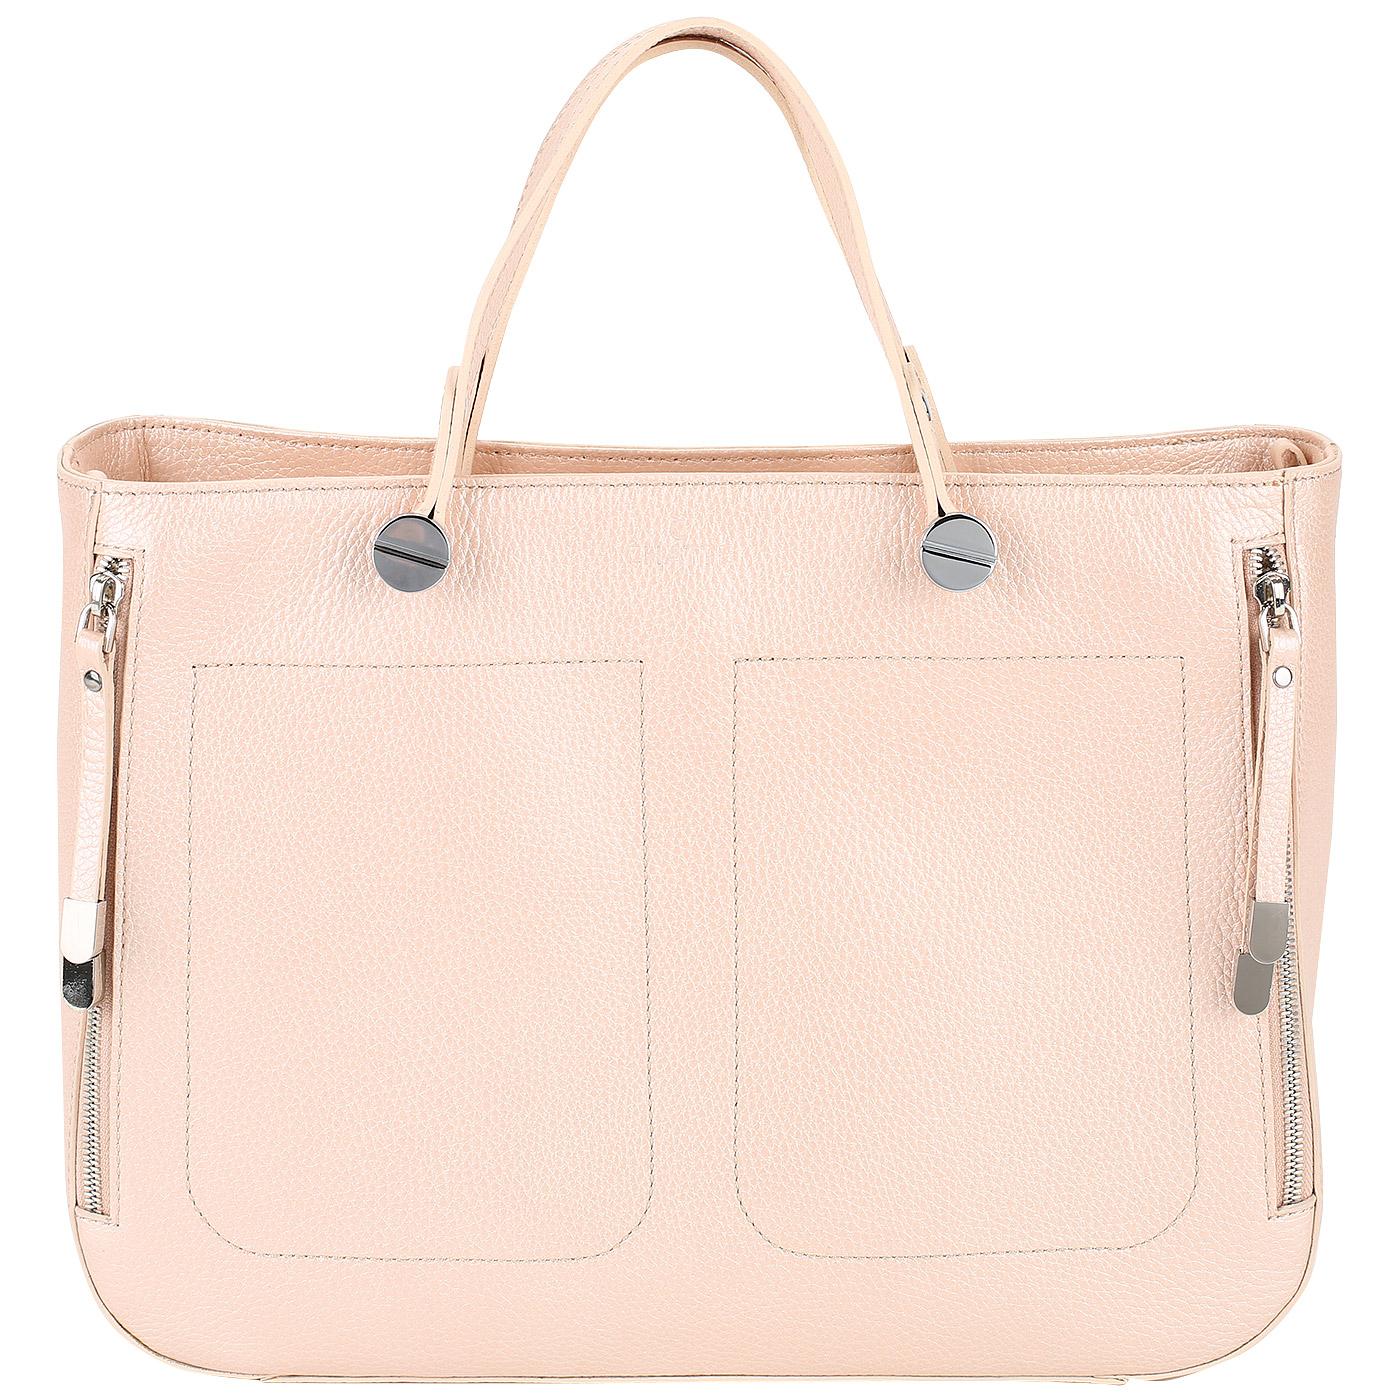 08b9e332609b Женская сумка с четырьмя наружными карманами Chatte DB9239_rose ...